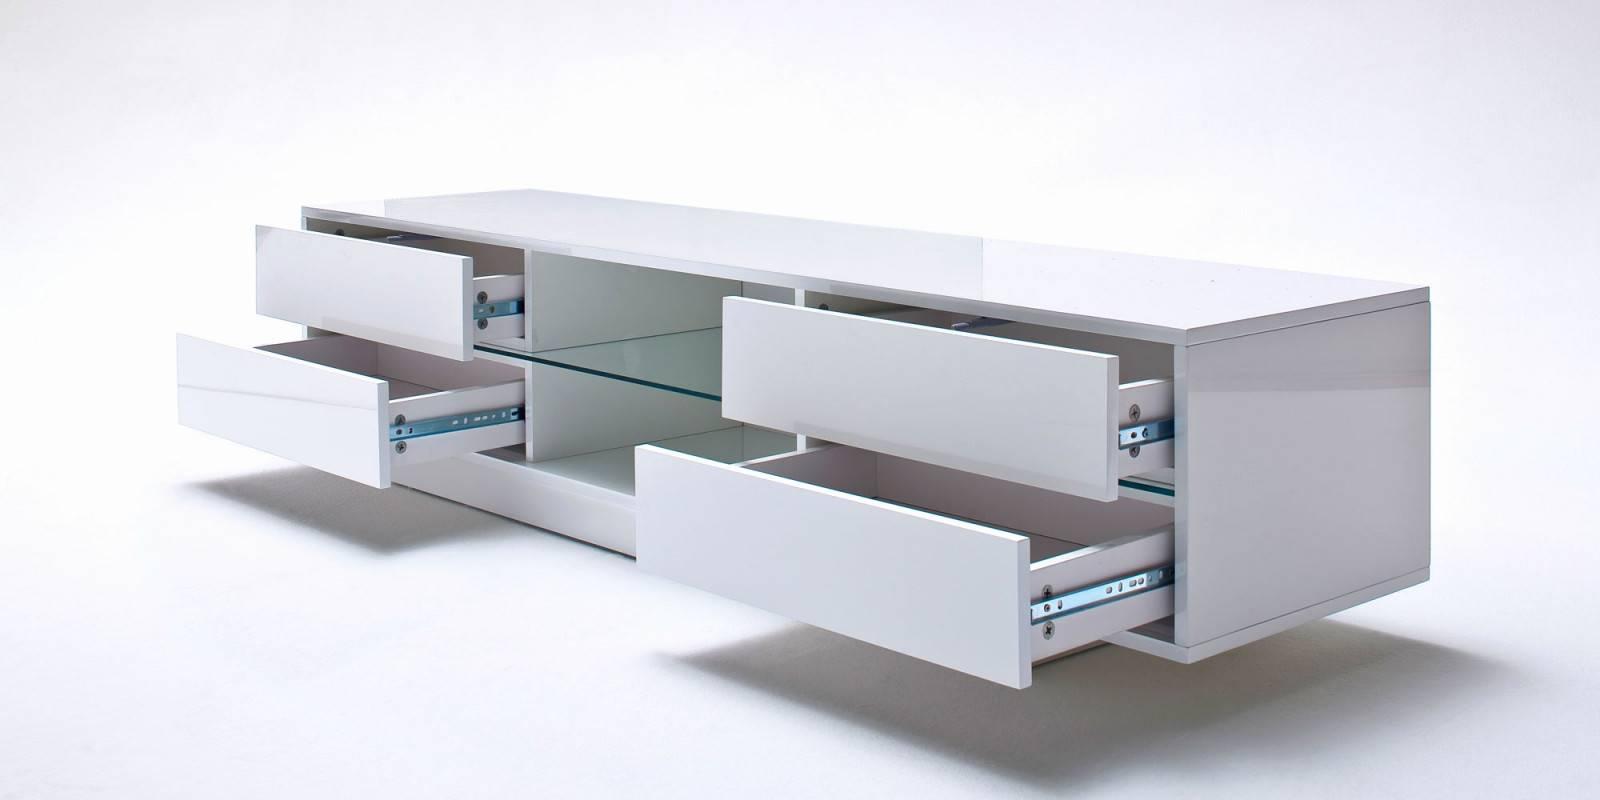 wohnzimmermobel von musterring super 35 impressionnant sideboard tv design of wohnzimmermobel von musterring